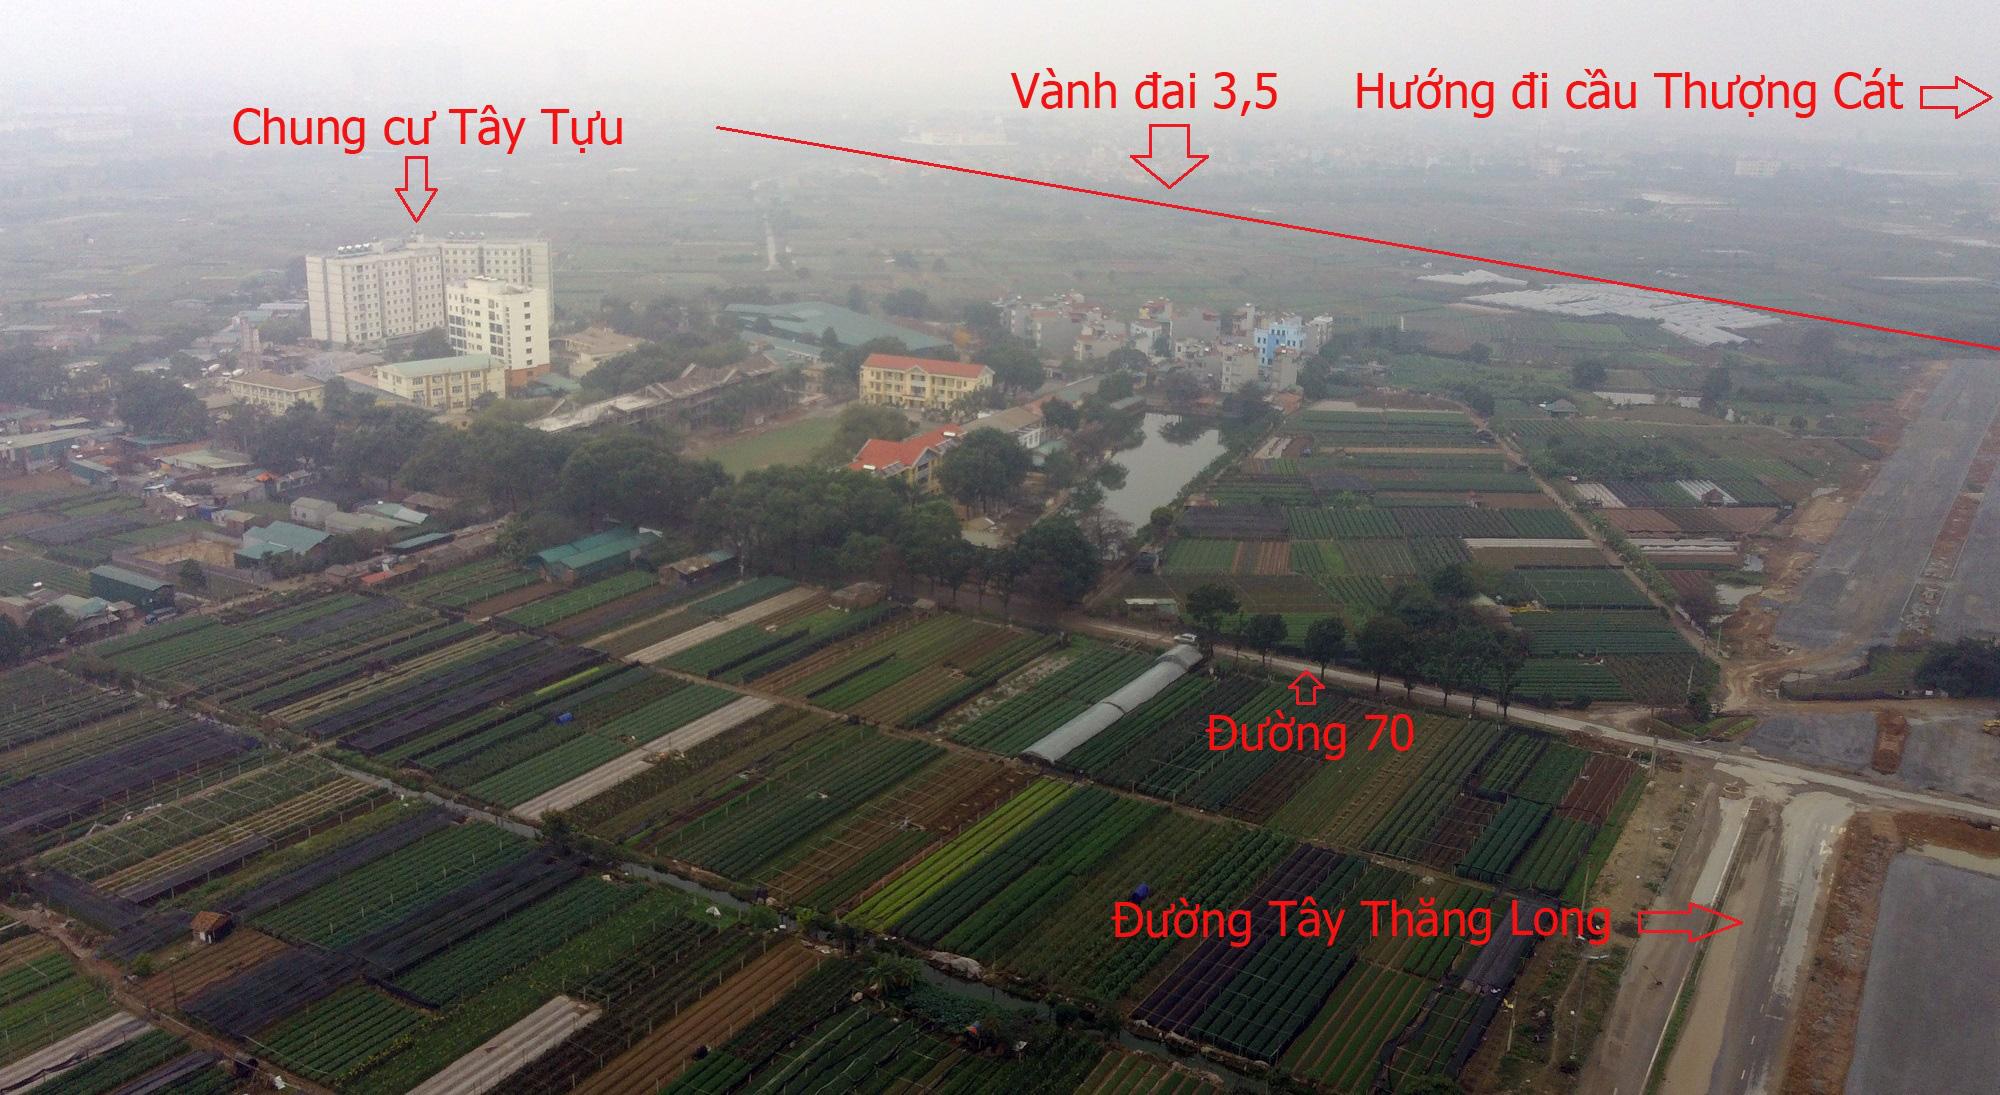 Những dự án sẽ hưởng lợi từ qui hoạch cầu Thượng Cát, Hà Nội - Ảnh 14.